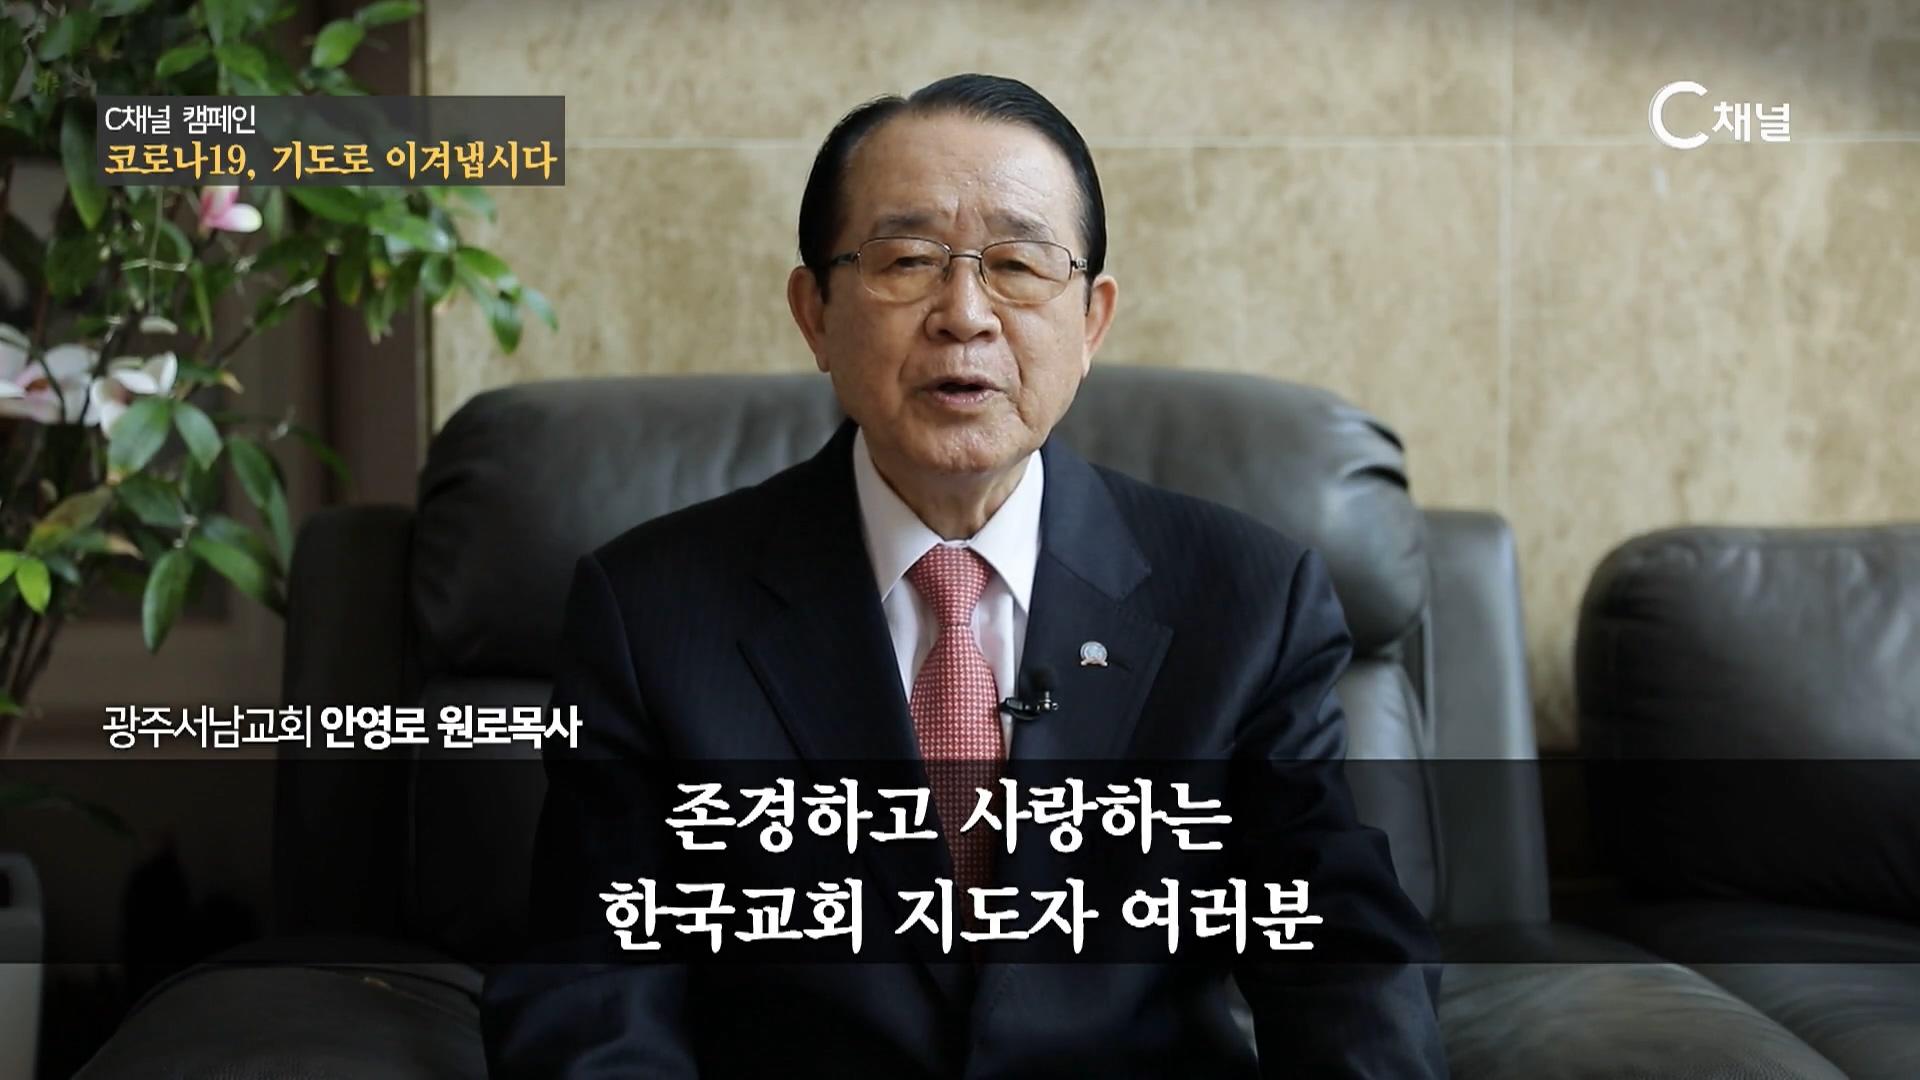 [C채널 캠페인] 코로나19, 기도로 이겨냅시다 - 안영로 원로 목사